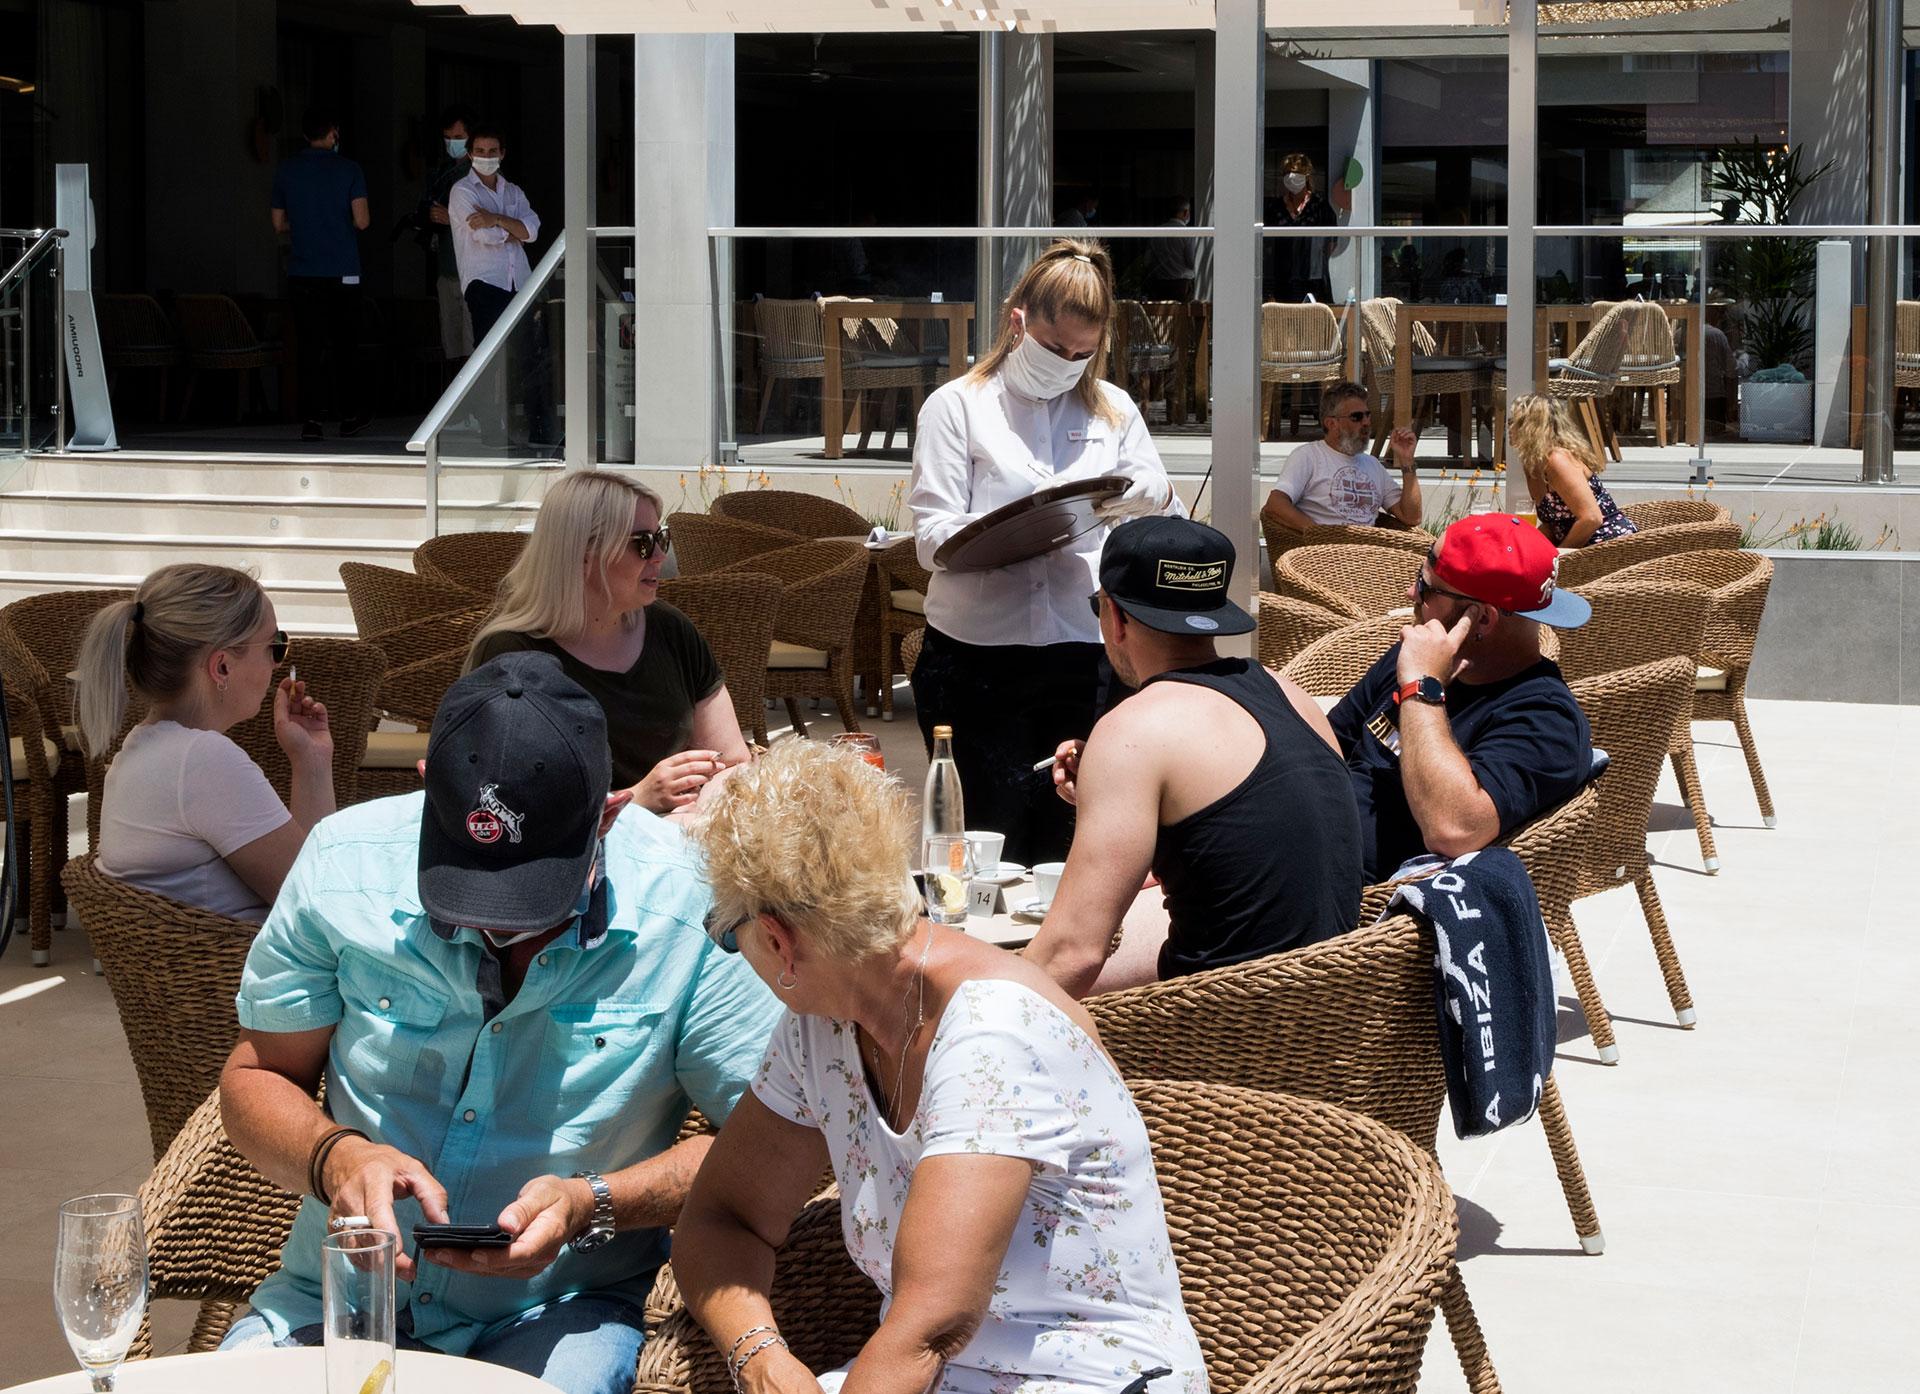 Turistas alemanes en el bar de un hotel en Palma de Mallorca.